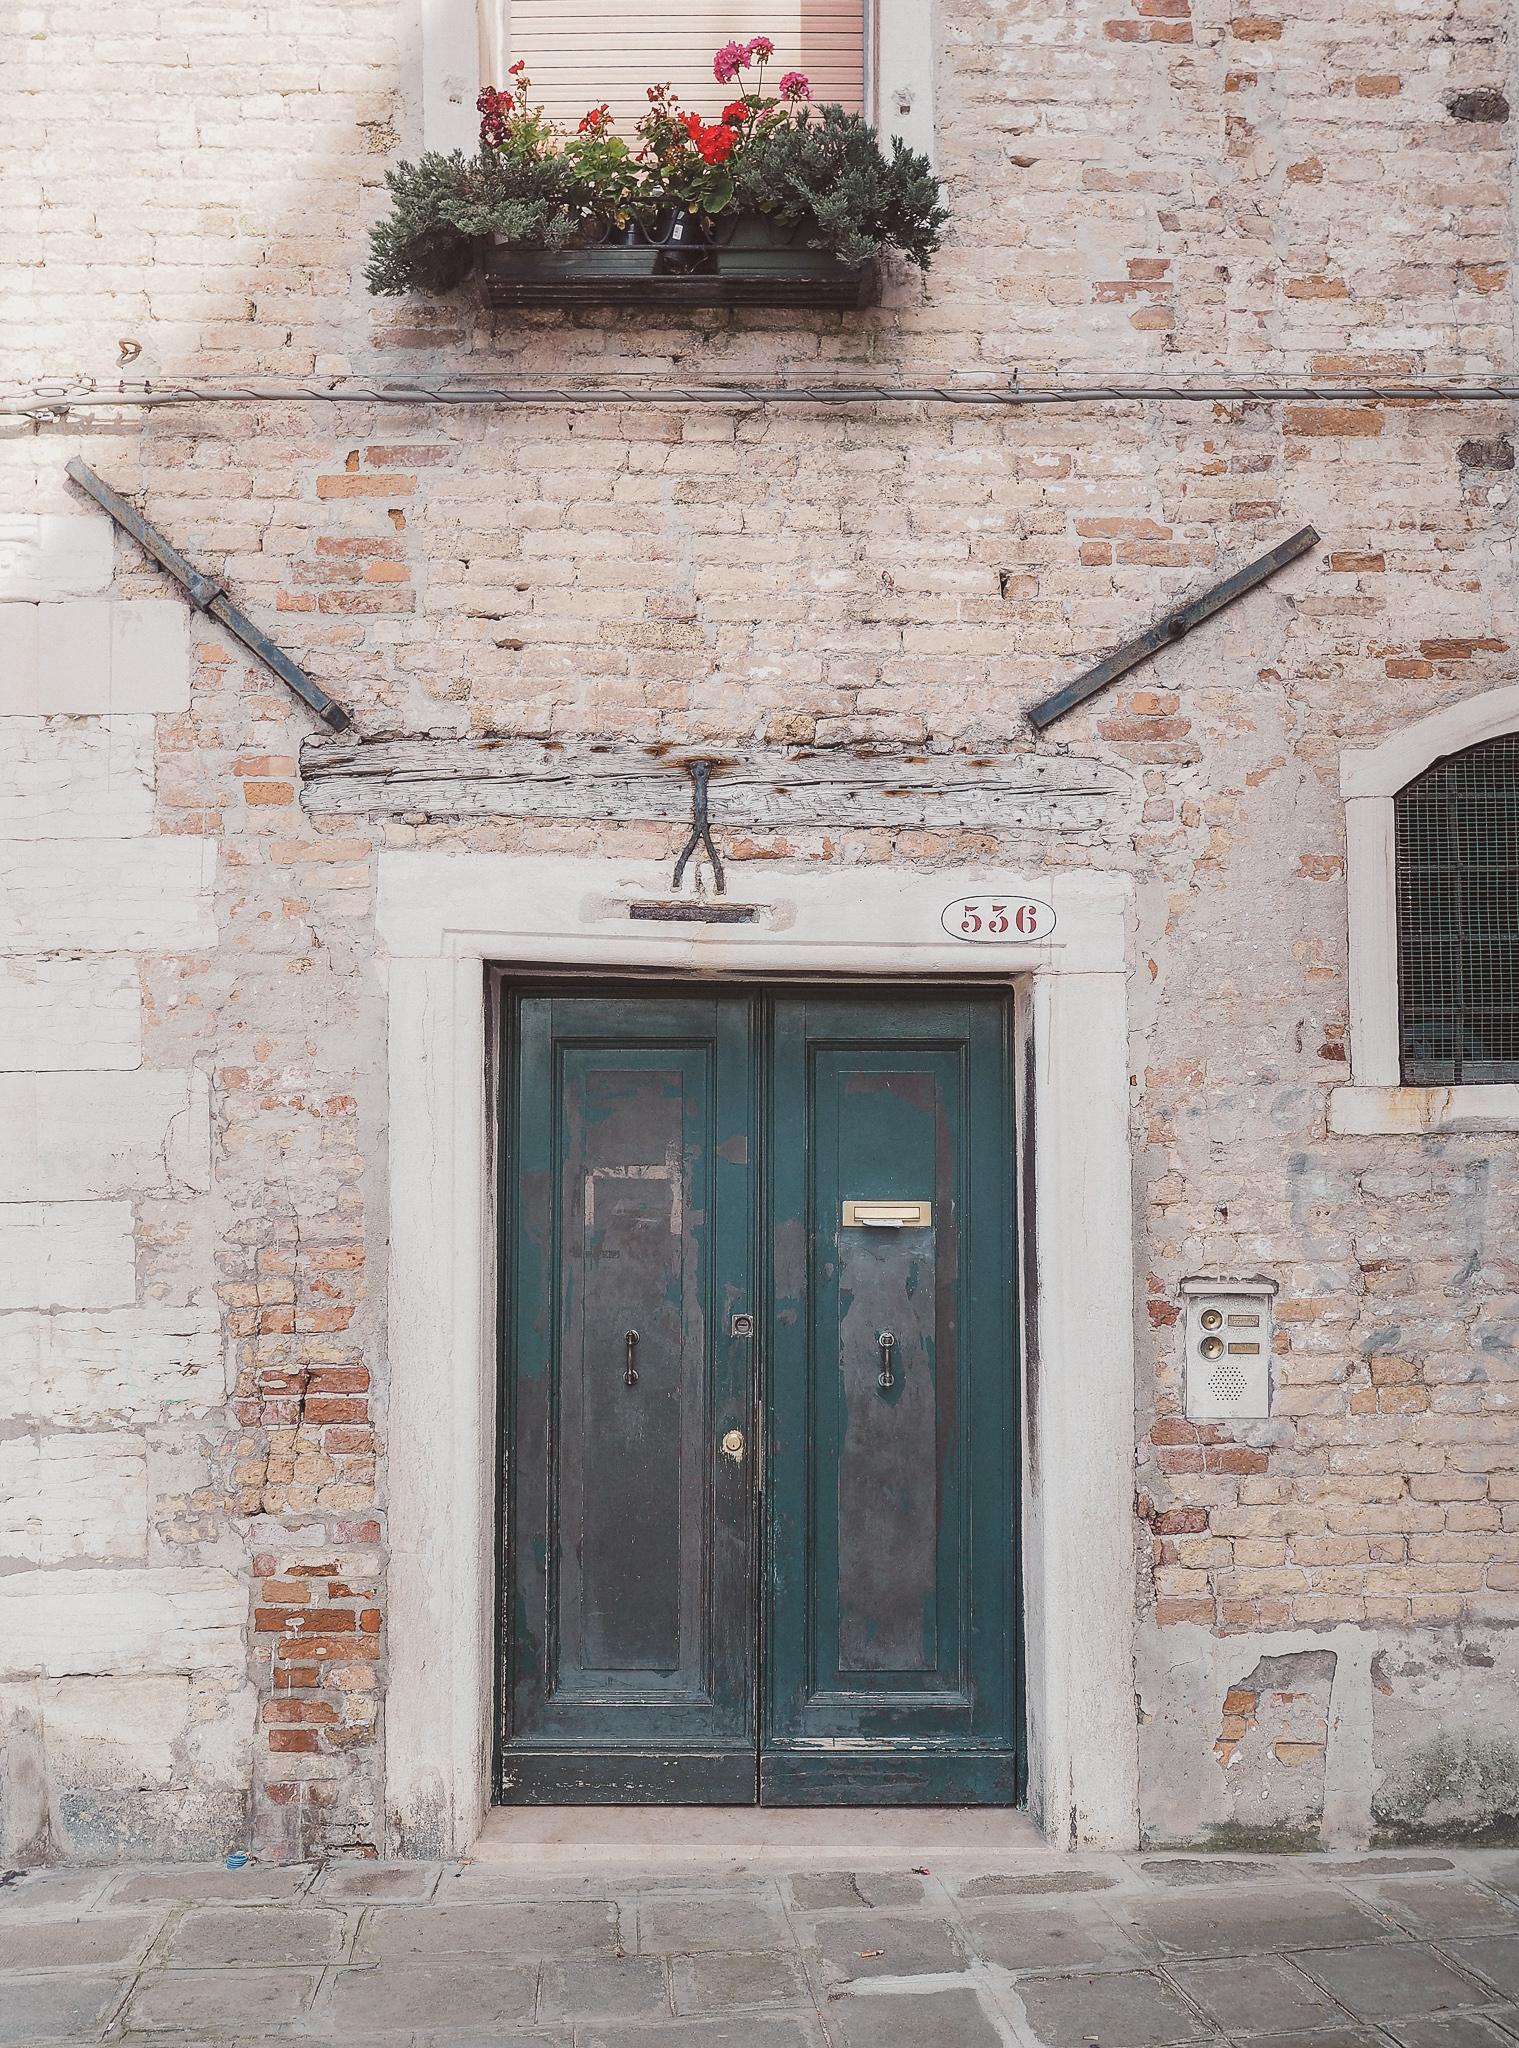 Venice-Burano-Italy-1.jpg